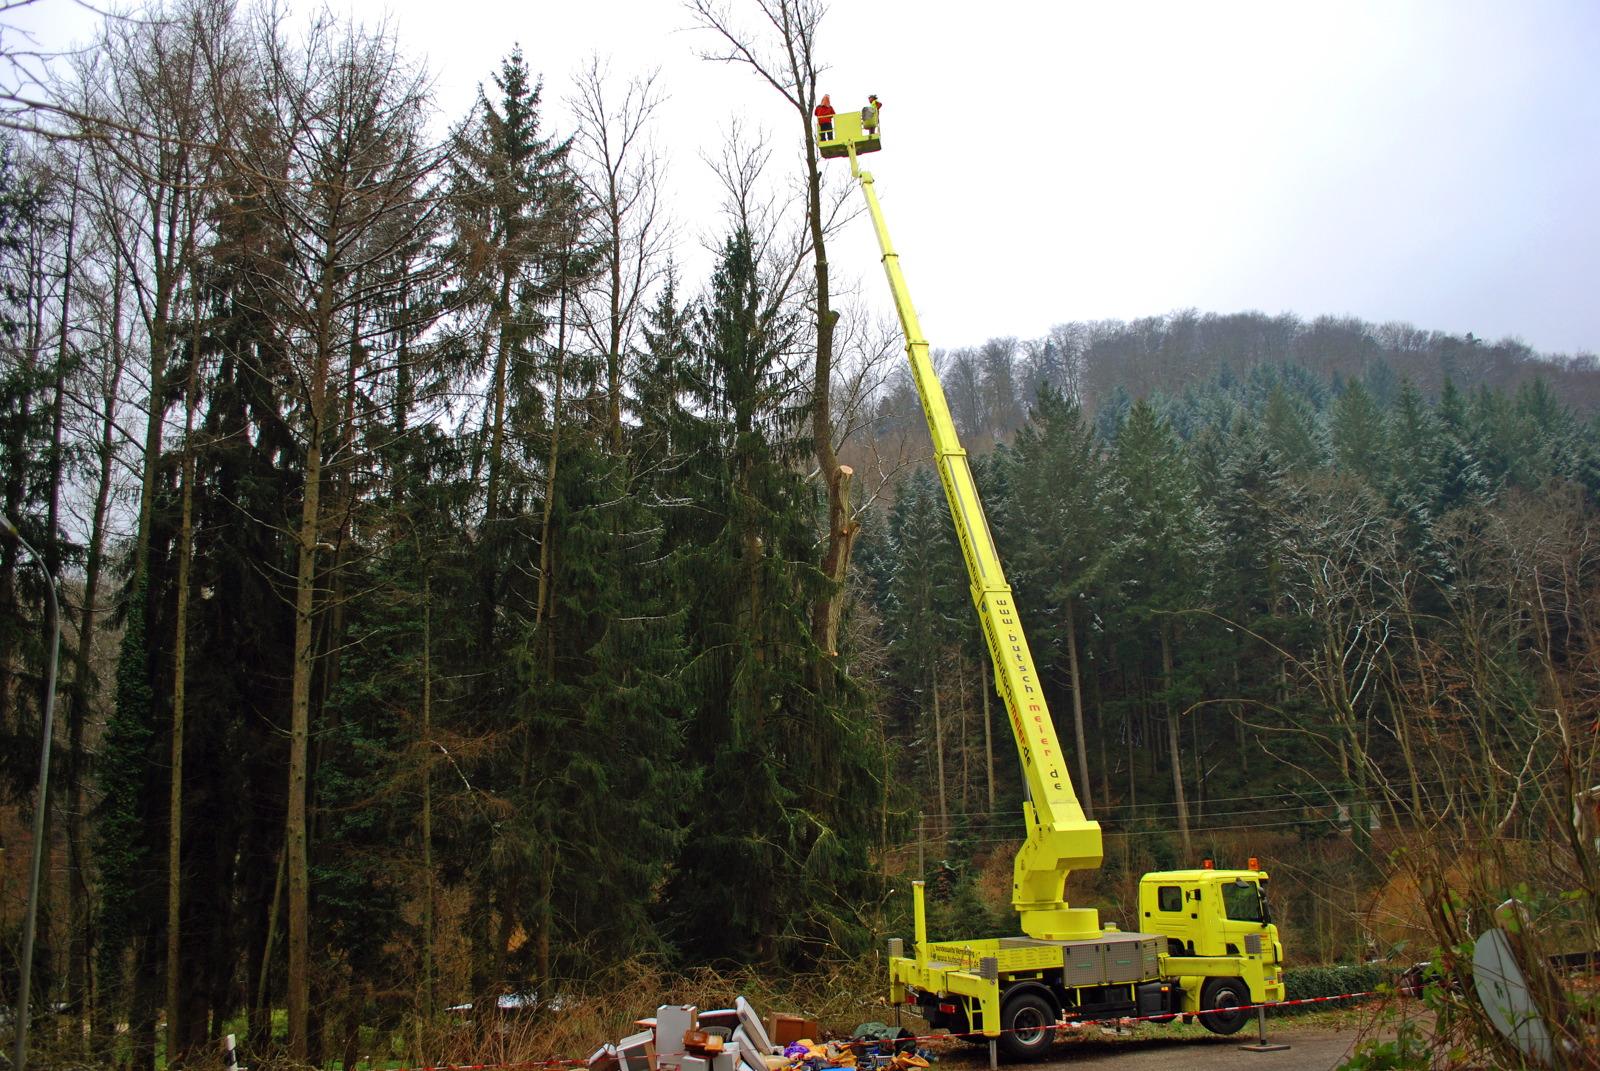 Baumsichtung mit Teleskopkran - Guido Sprenger Forstservice